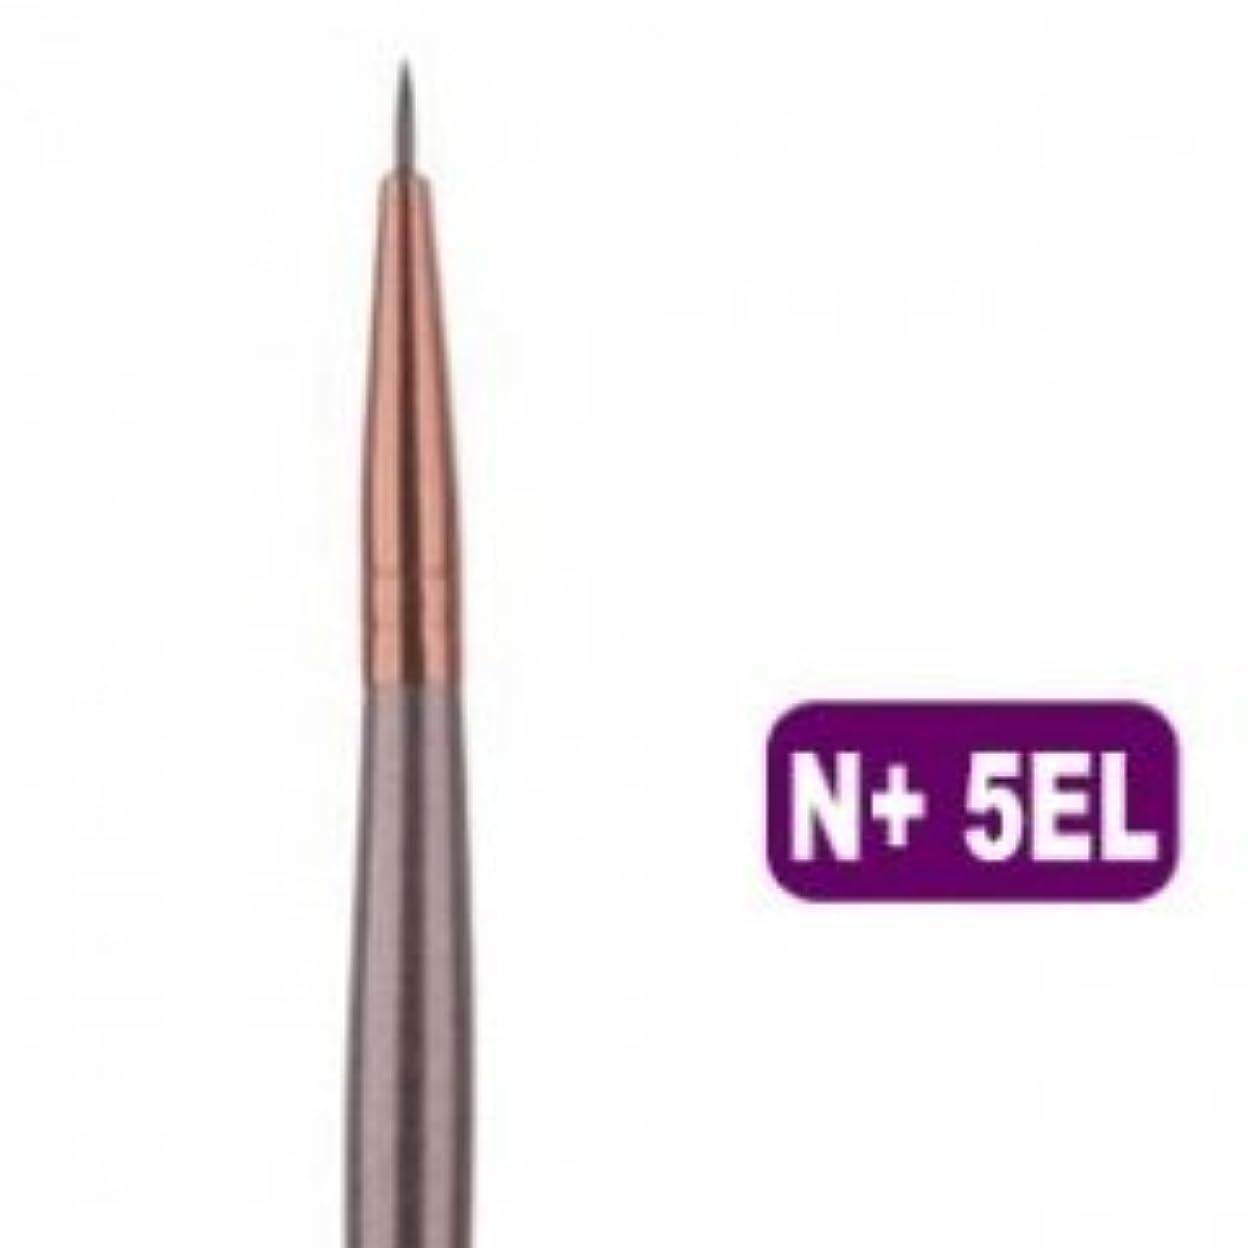 表示剪断小学生メイクブラシ 化粧筆 アイラインブラシ 極細 N+ 5EL